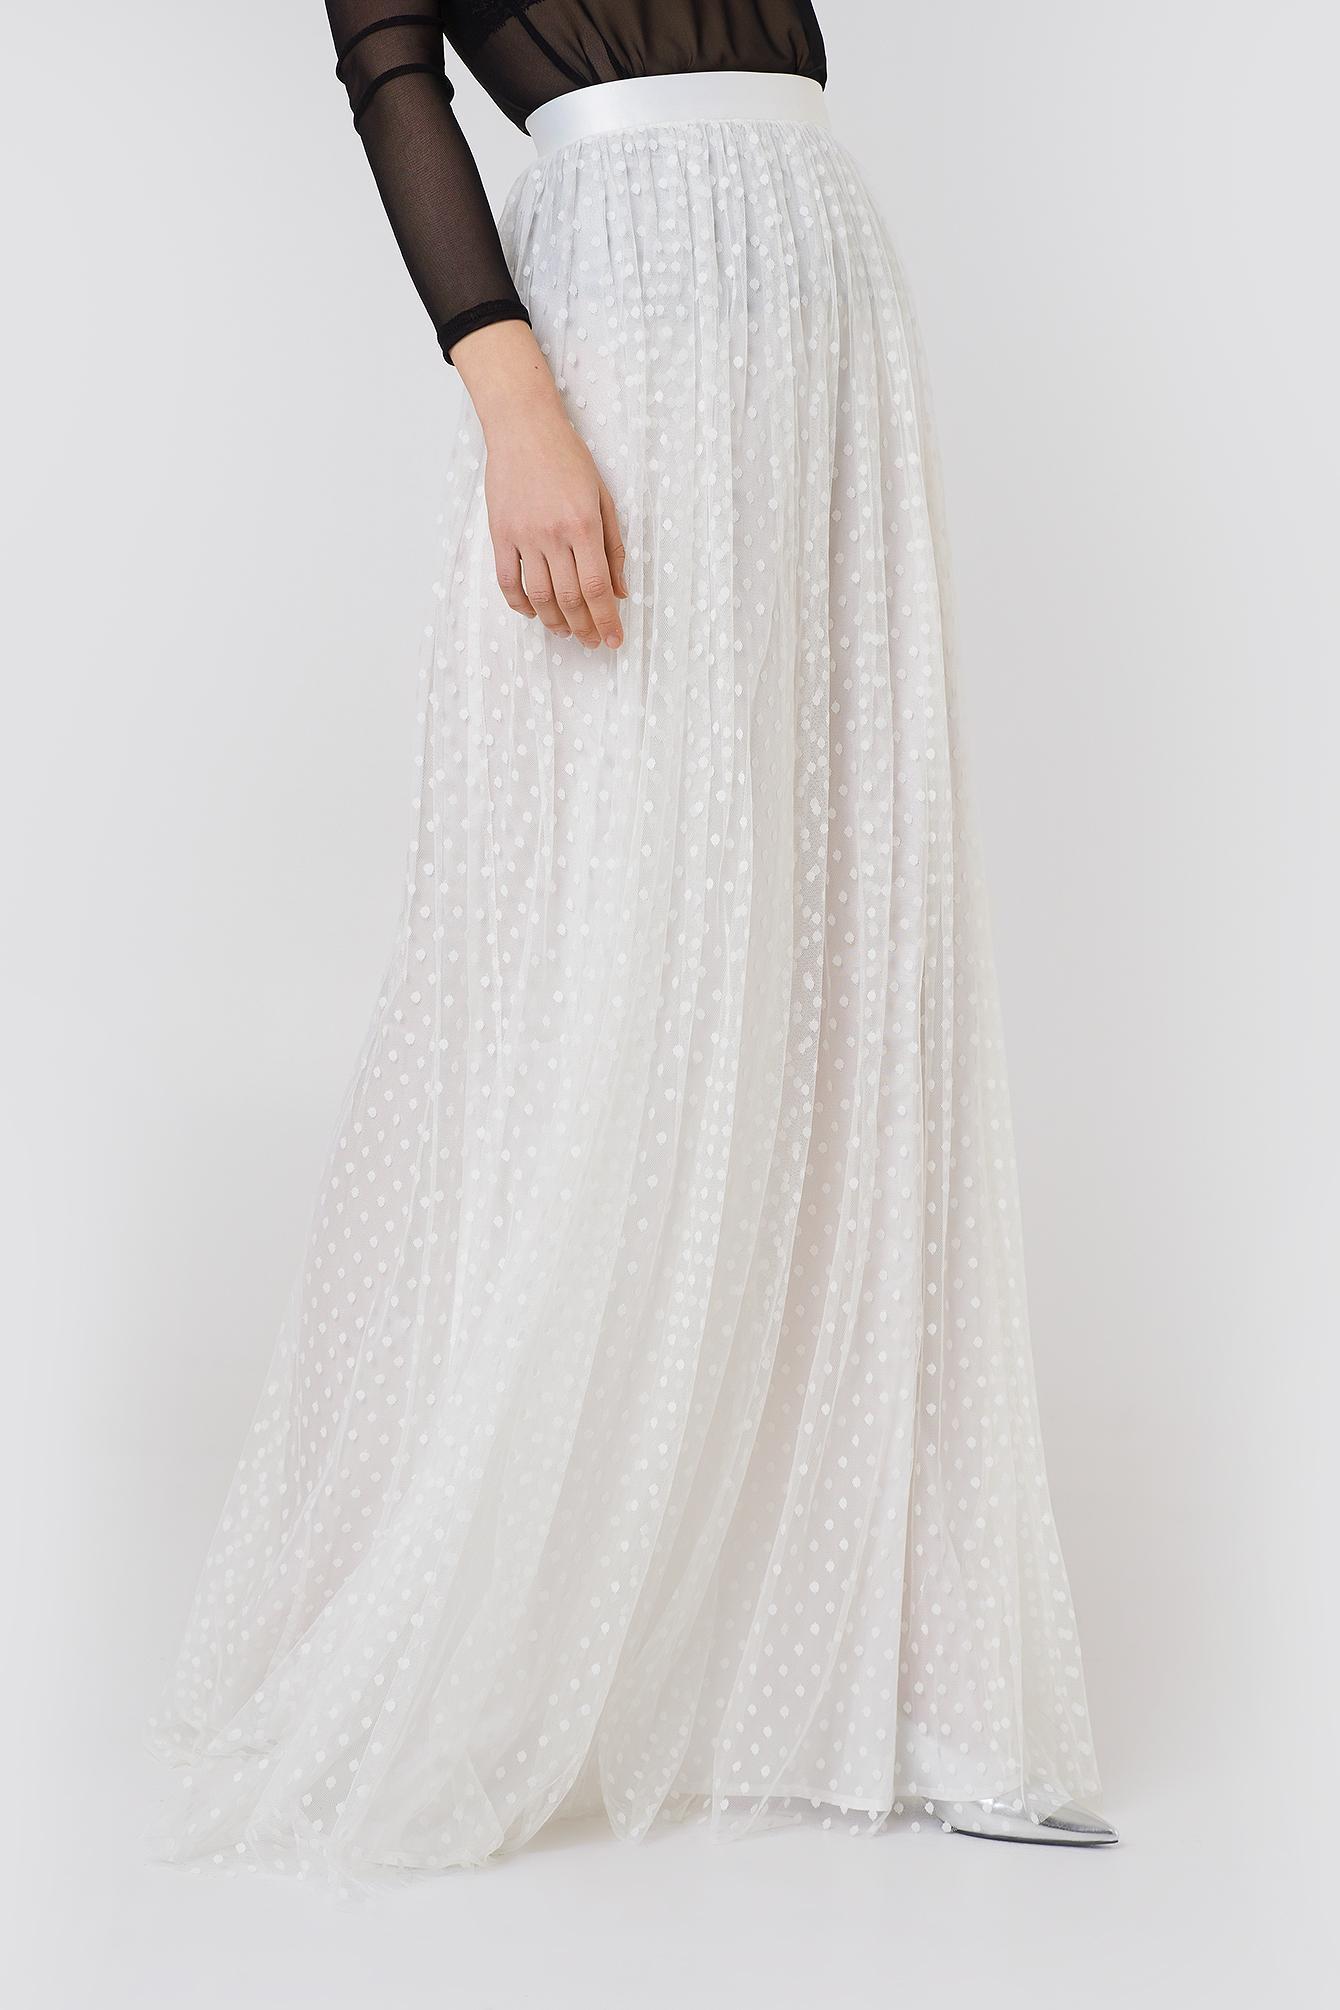 f0415766 Ida Sjöstedt Poppy Skirt White in White - Lyst